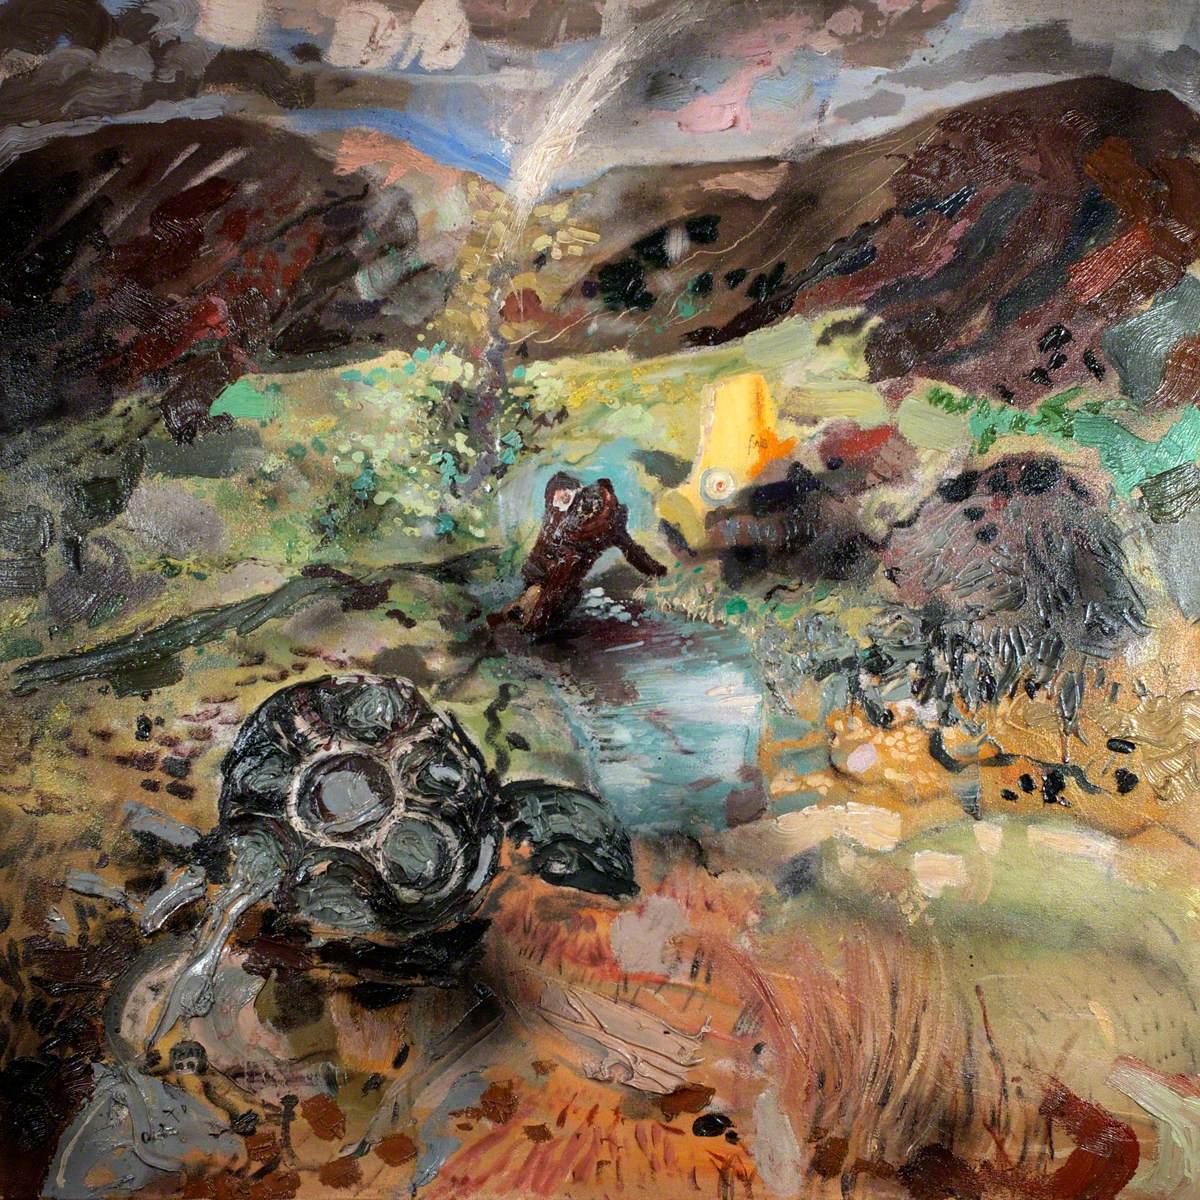 The Wreckage on Carnedd Llewelyn